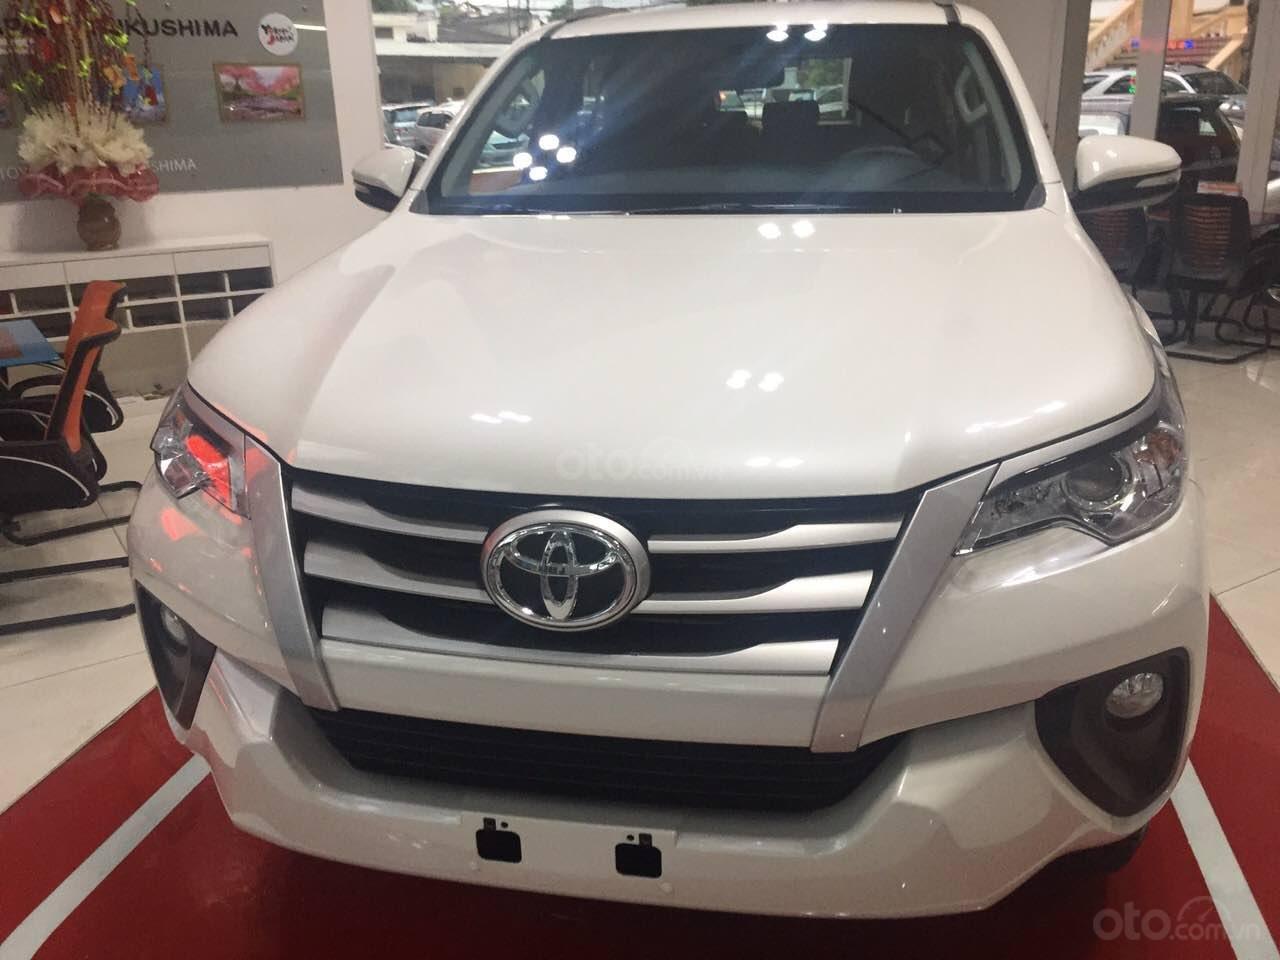 Fortuner 2.4G MT 2019, màu trắng, xe nhập, giao ngay tại Toyota An Thành-0